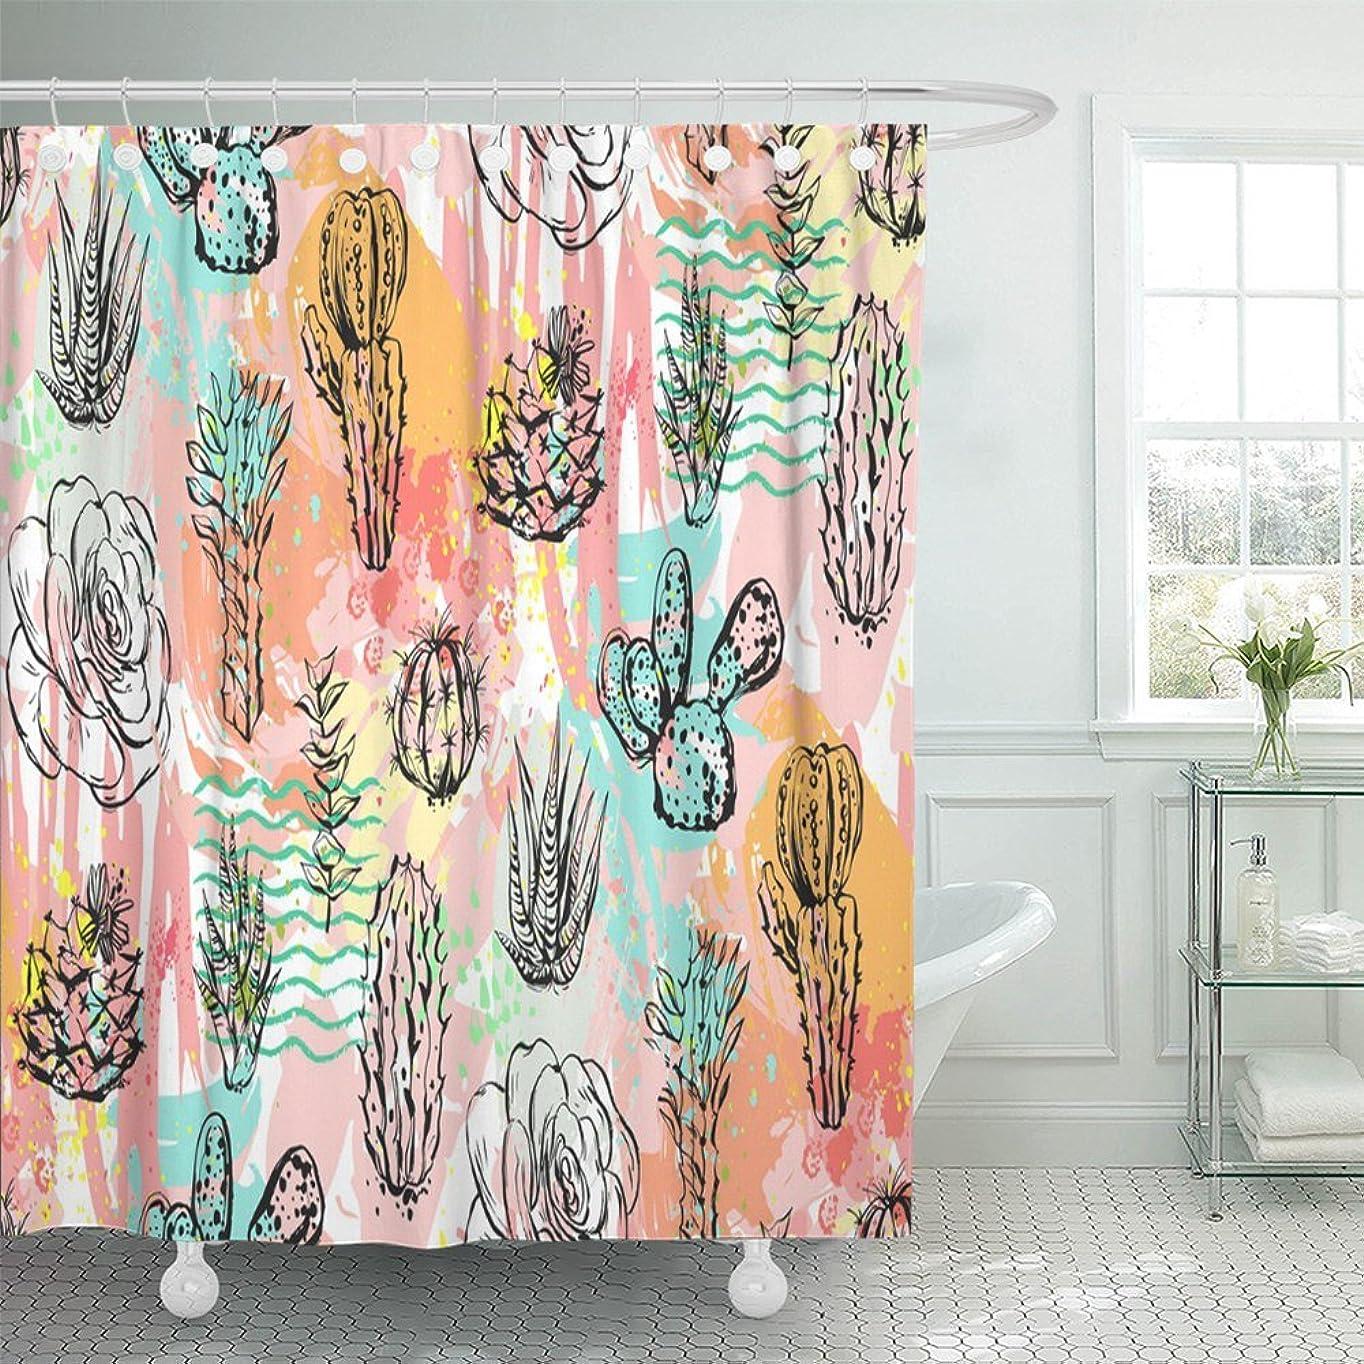 ホイスト才能寄り添うEmvency 装飾シャワーカーテン 抽象画 グラフィック クリエイティブ 多肉植物サボテンとカラフルな芸術的なブラシの植物 珍しい72×66インチ 防水 防カビ バスルームカーテン 72